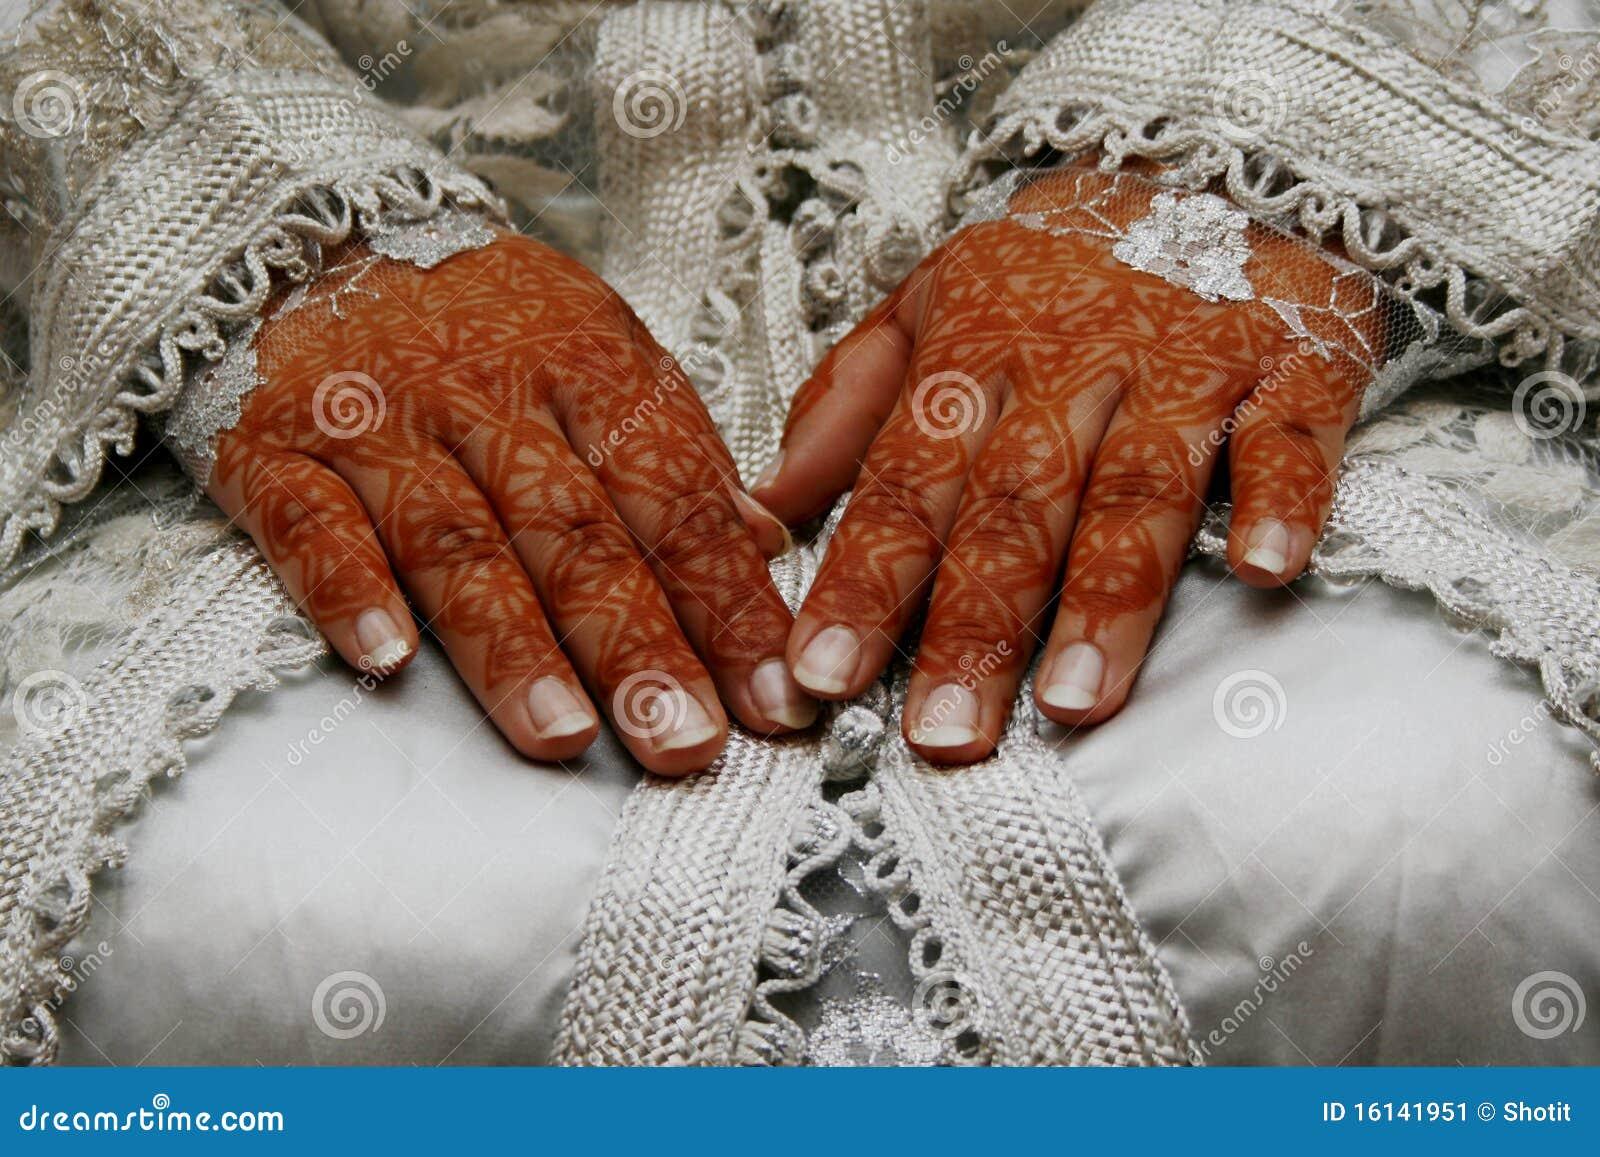 Henna Hands Stock Image Image Of India Celebration 16141951